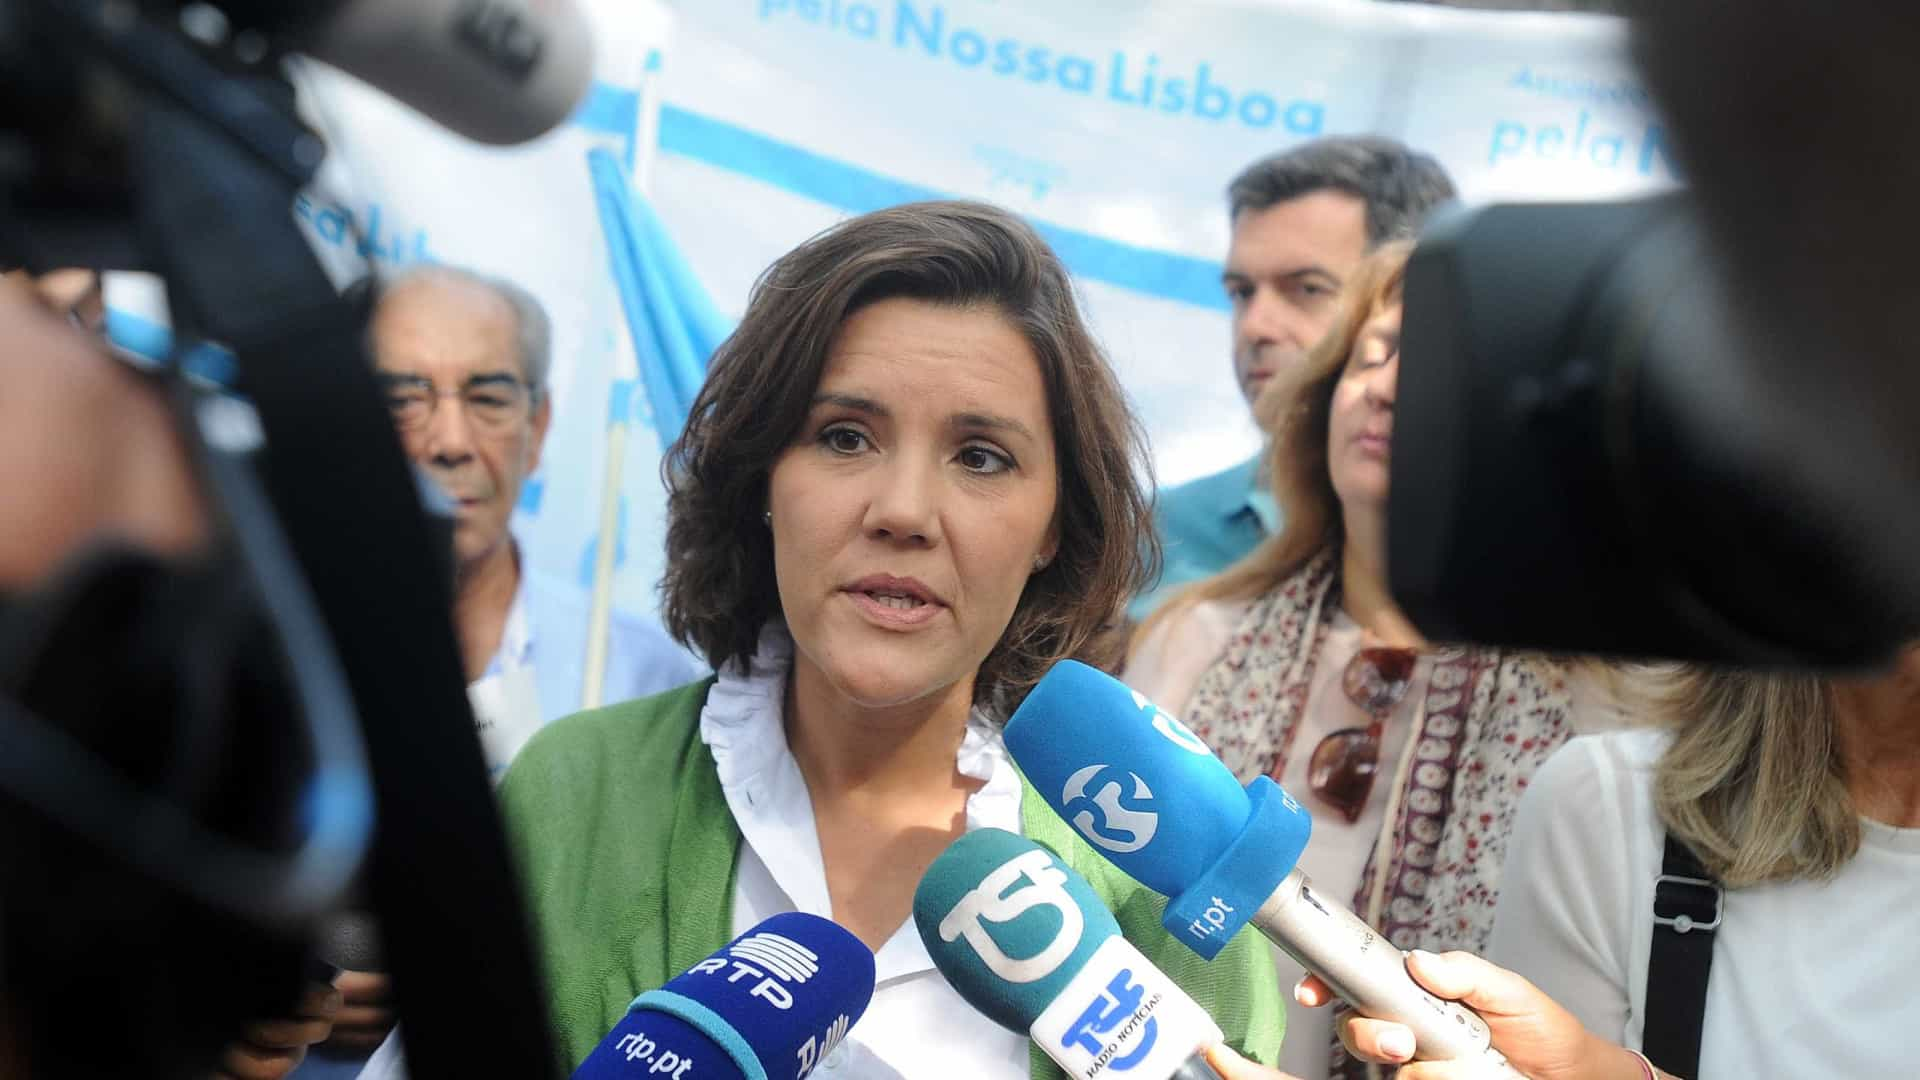 Cristas reforça intenção do CDS de duplicar número de eurodeputados